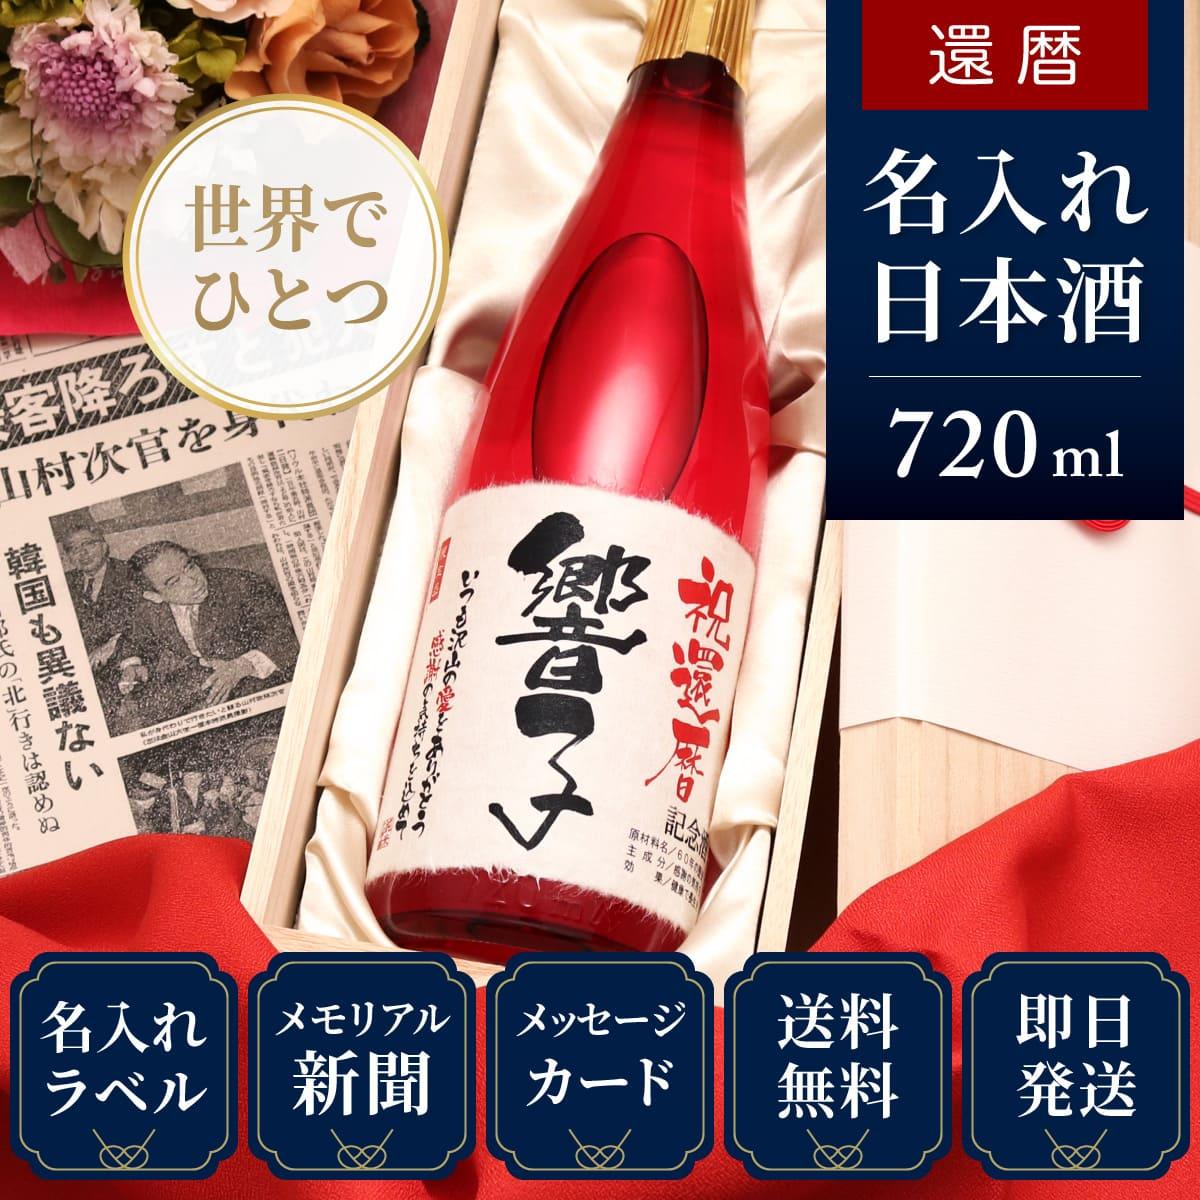 還暦祝いプレゼント|記念日の新聞付き名入れ「華一輪」720ml(日本酒)